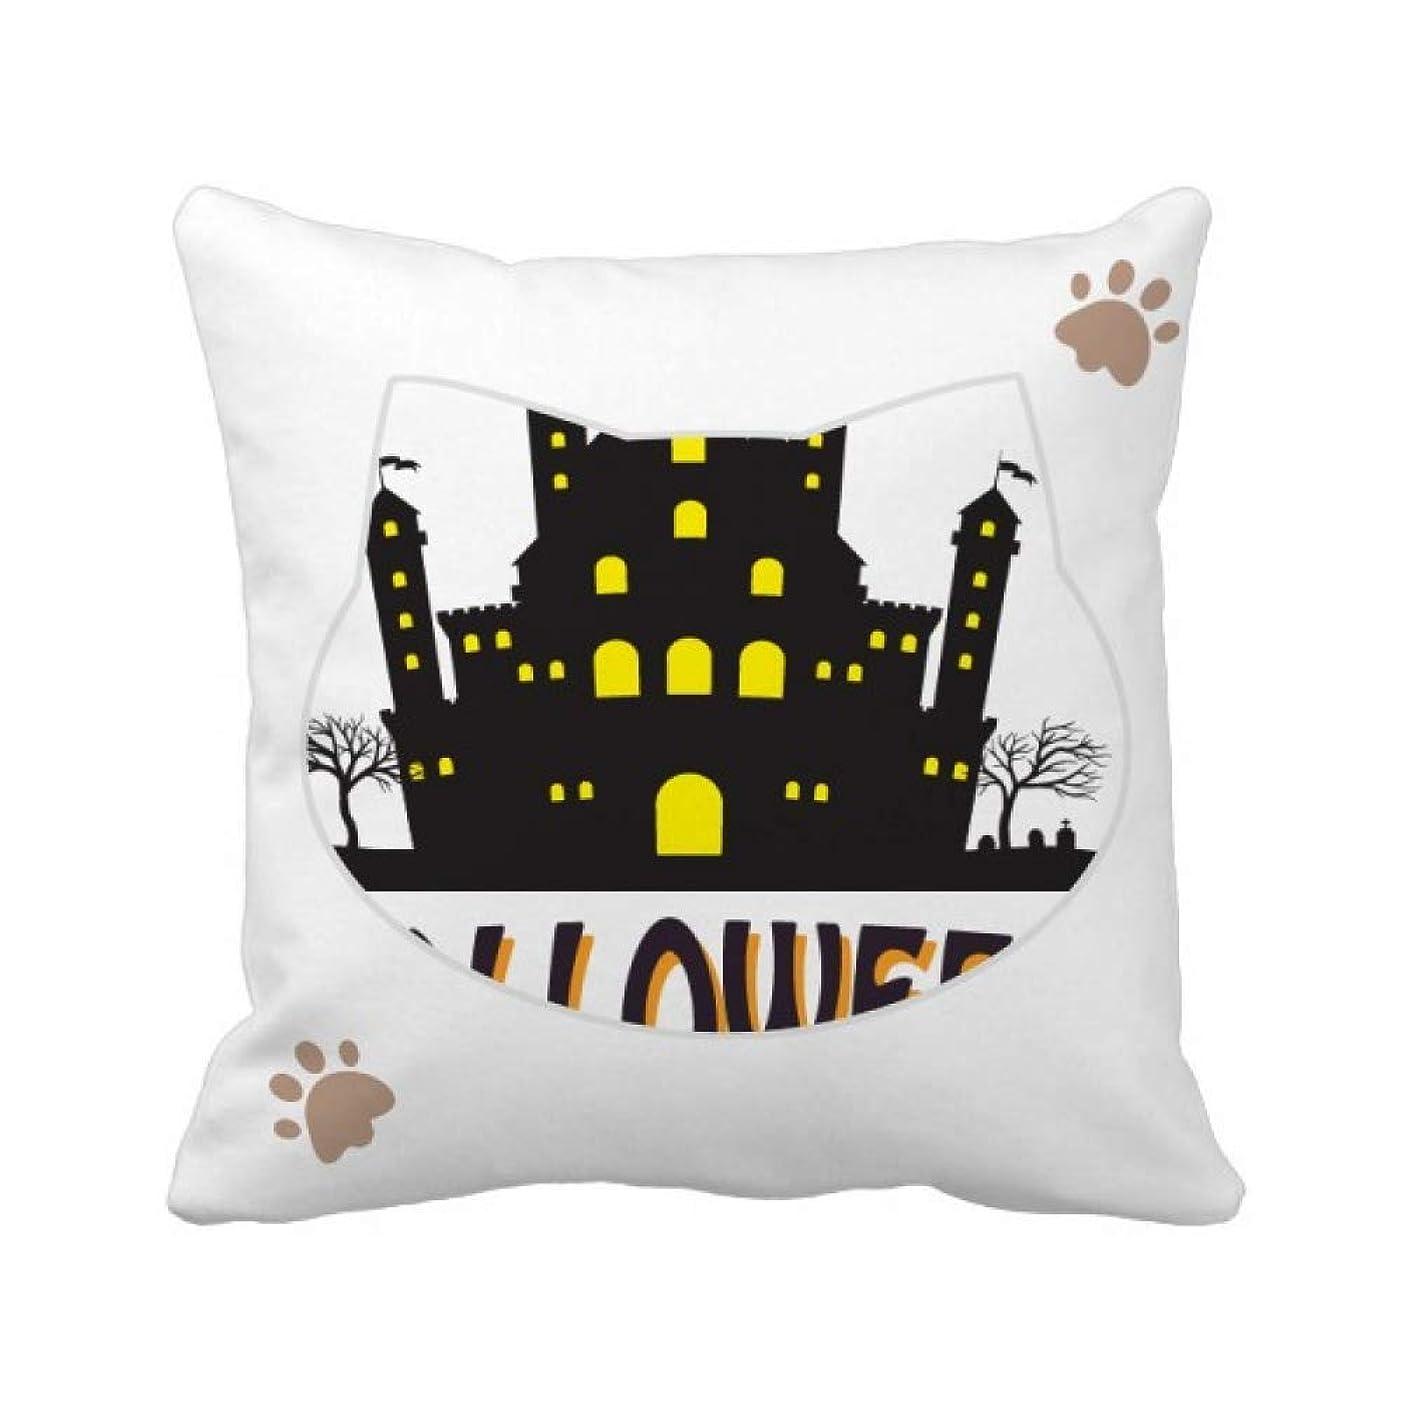 検索安らぎ尊厳ハロウィンの明るく照らされた城 枕カバーを放り投げる猫広場 50cm x 50cm